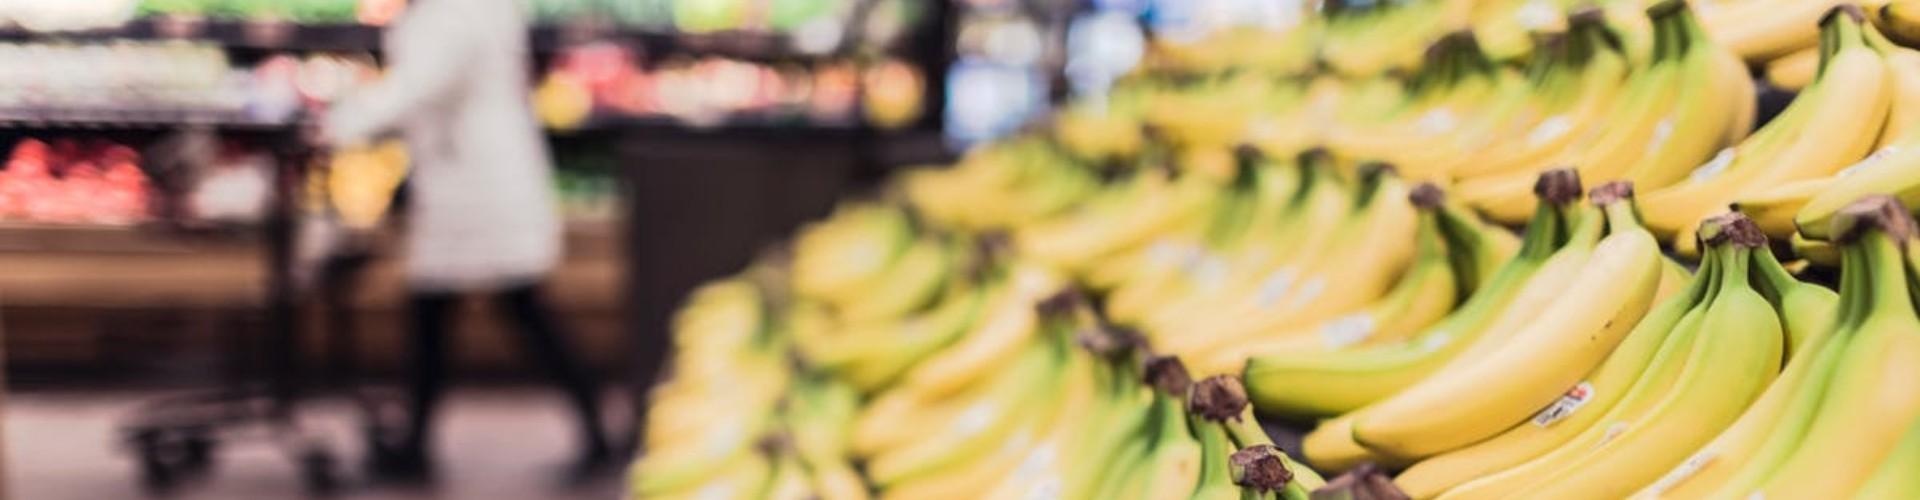 Carta de Presentación para Mercadona: Ejemplos y Plantillas